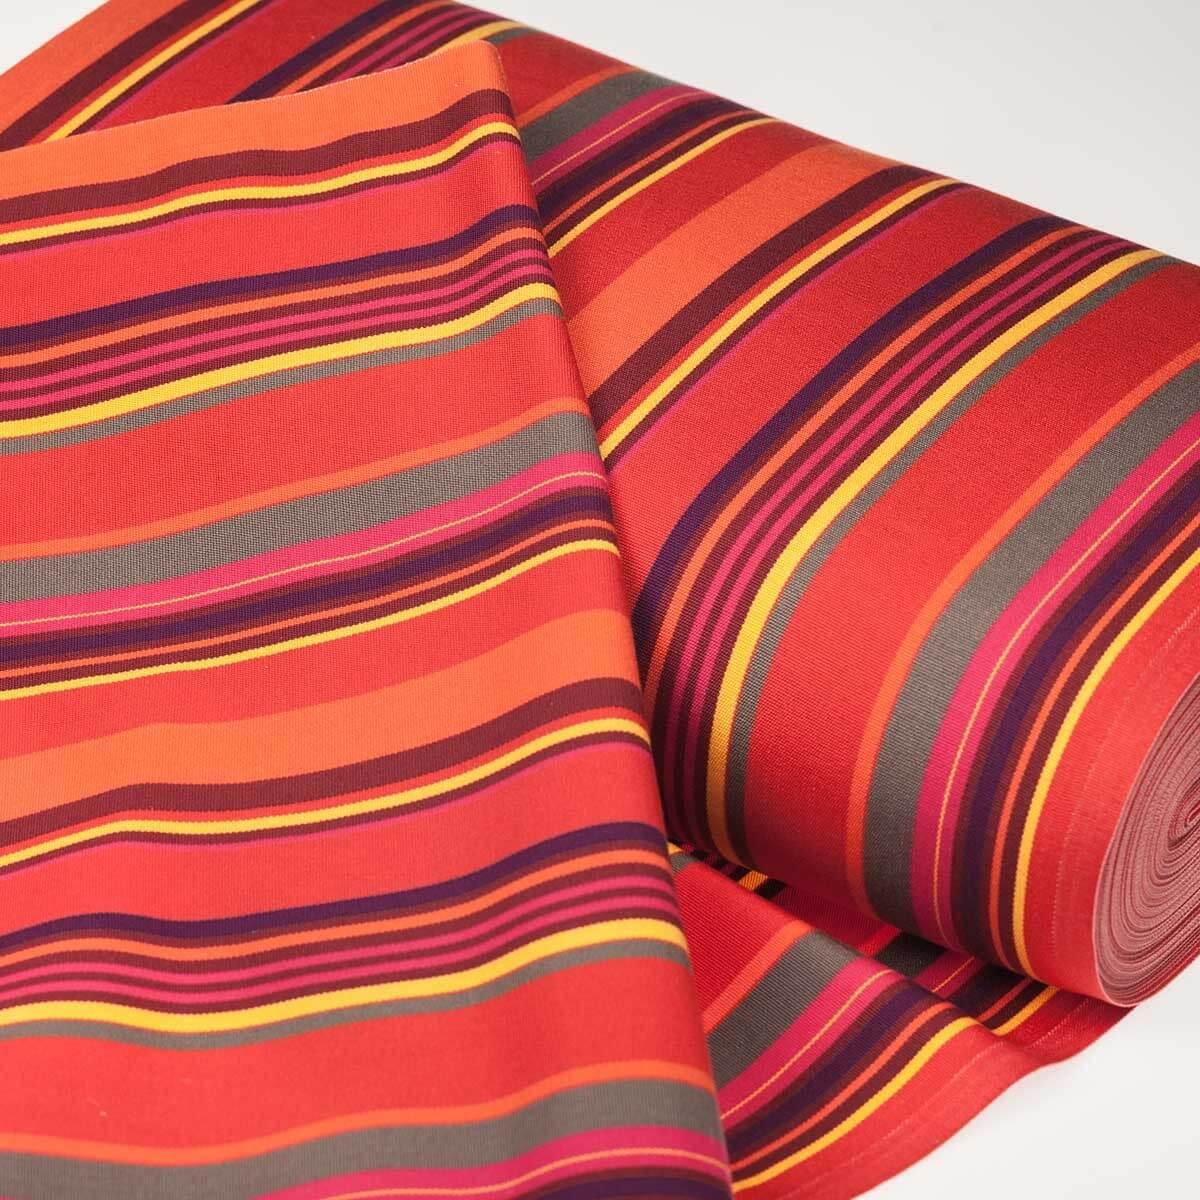 toile transat outdoor hossegor 150cm x 43cm multicolore